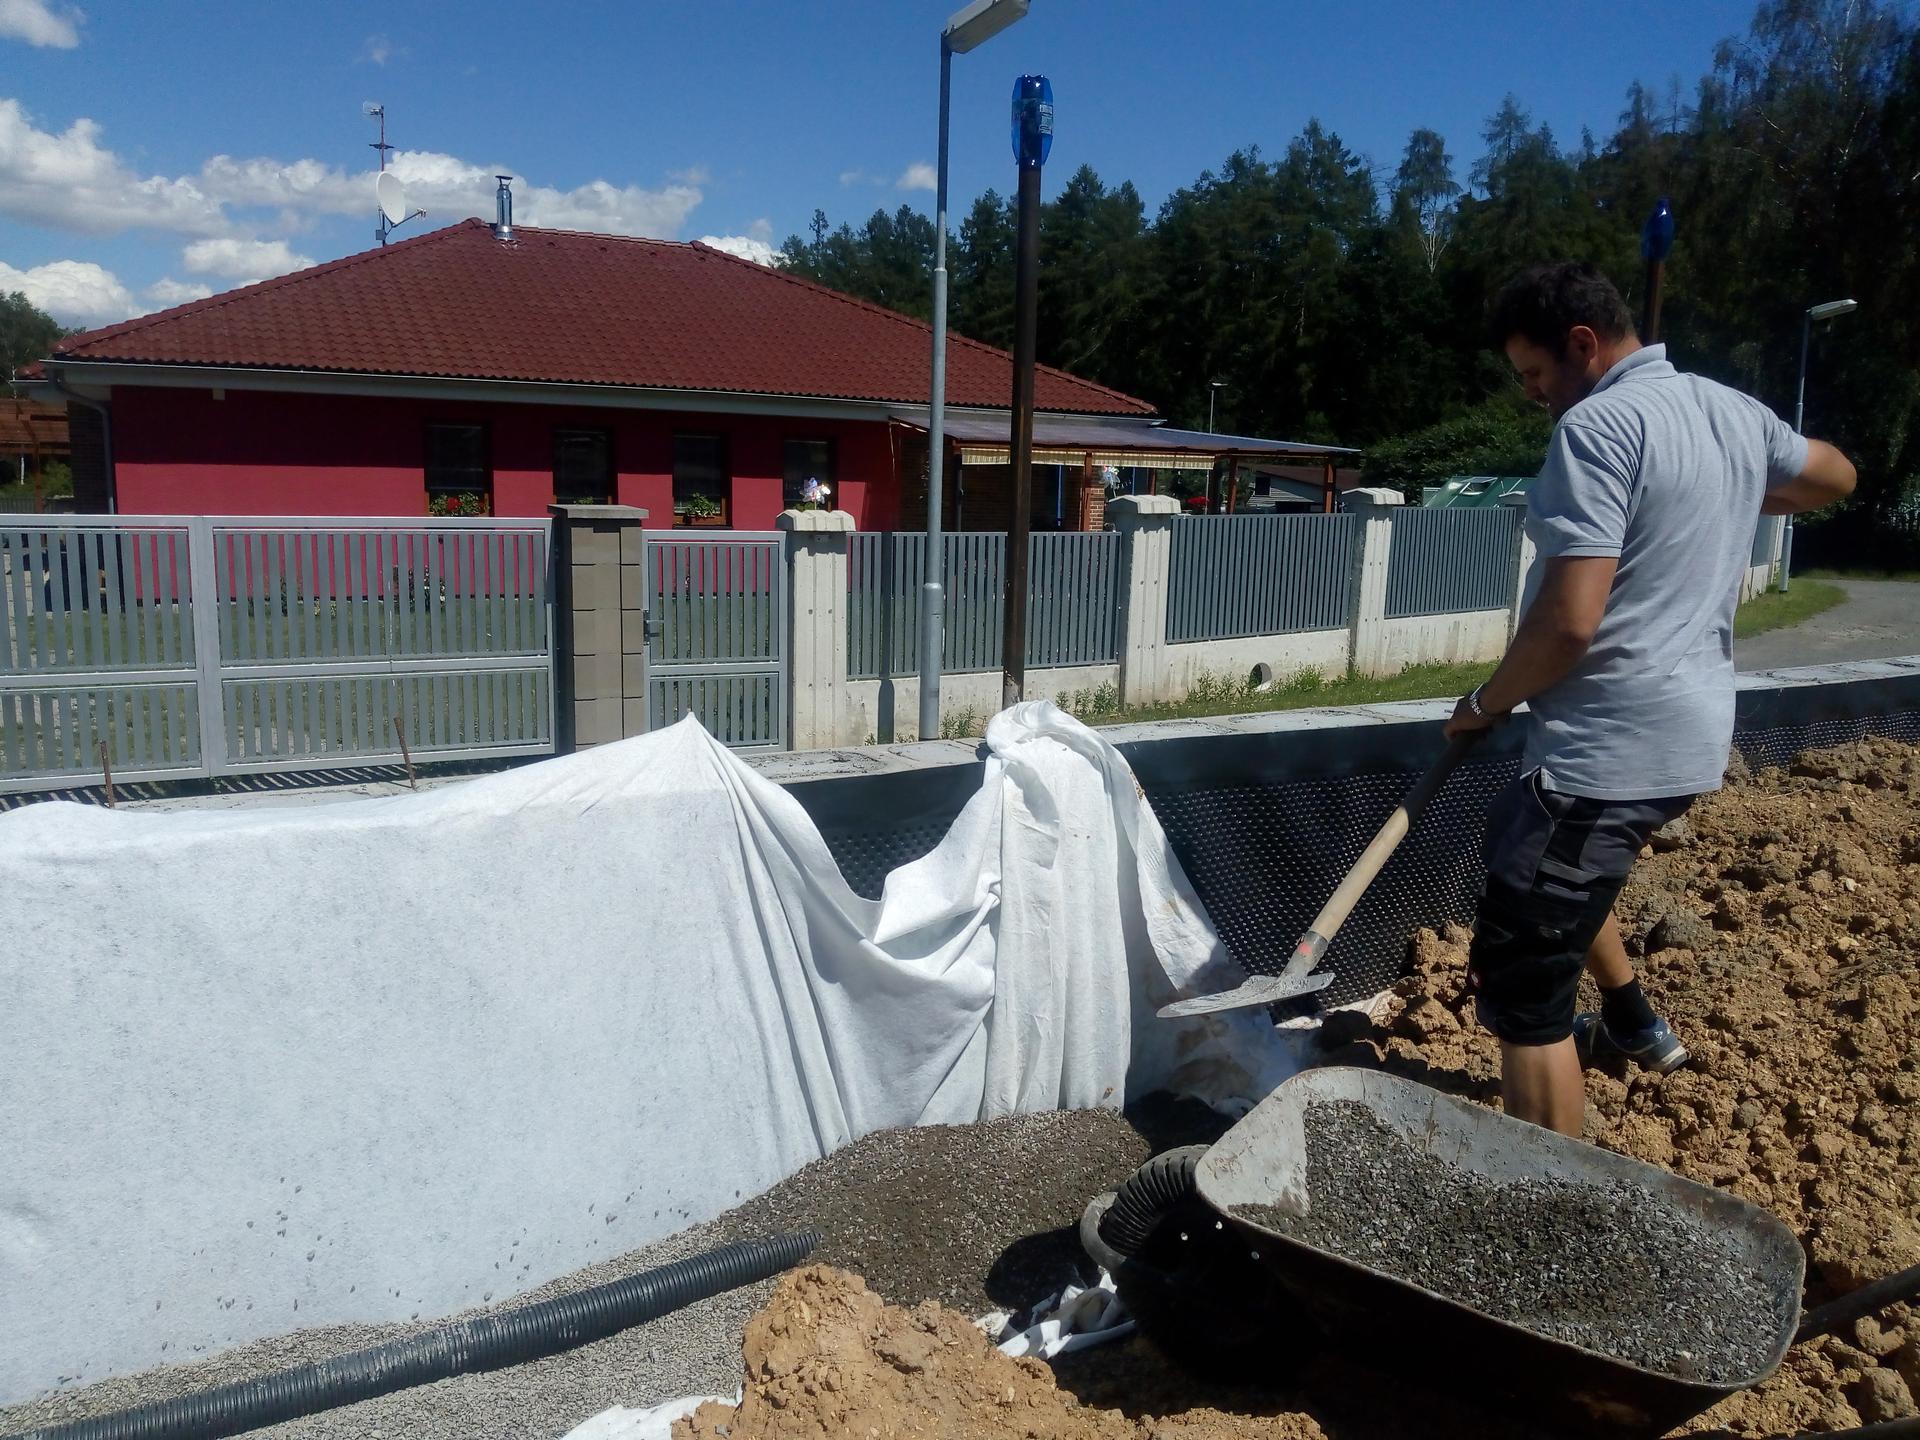 Příprava pozemku, bednění, základy, opěrka, bouda, plot - Obrázek č. 9